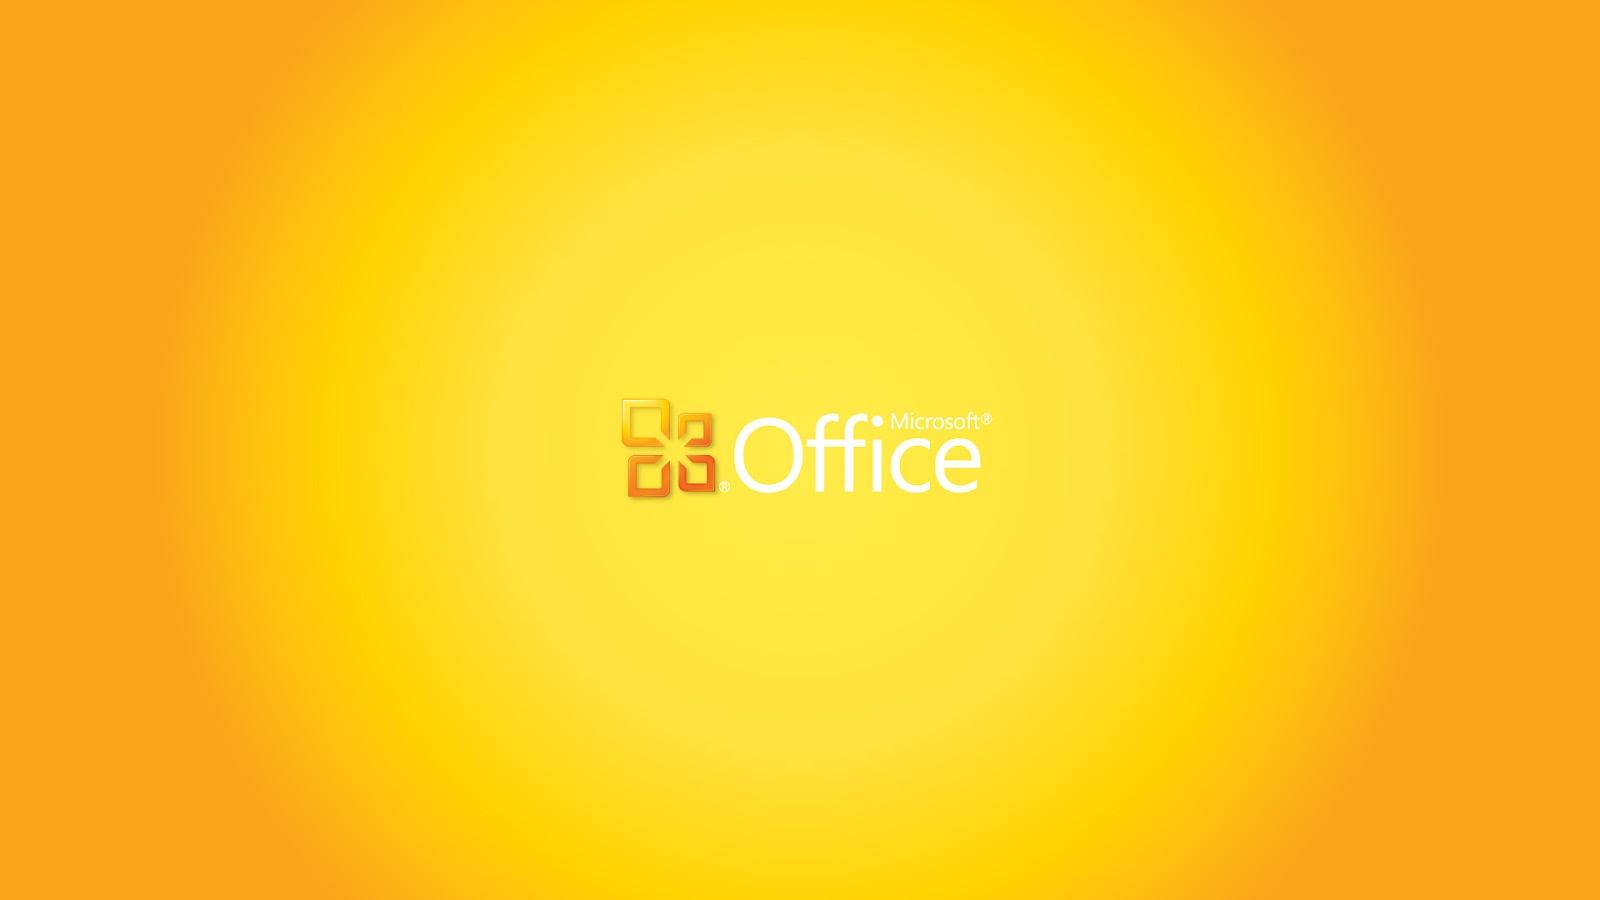 Free Download Teamspeaknosingleinstance 10 Hd Microsoft